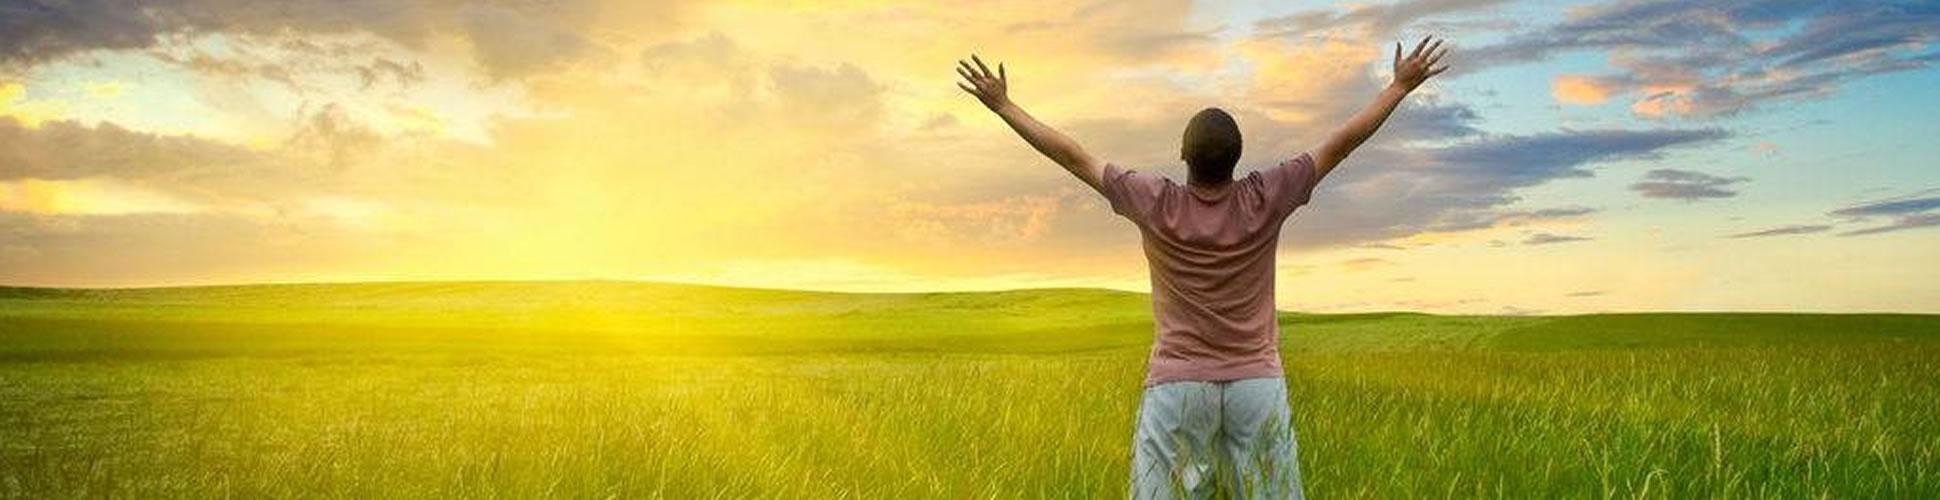 atendimento-Online-e-Presencial-Theta-Healing